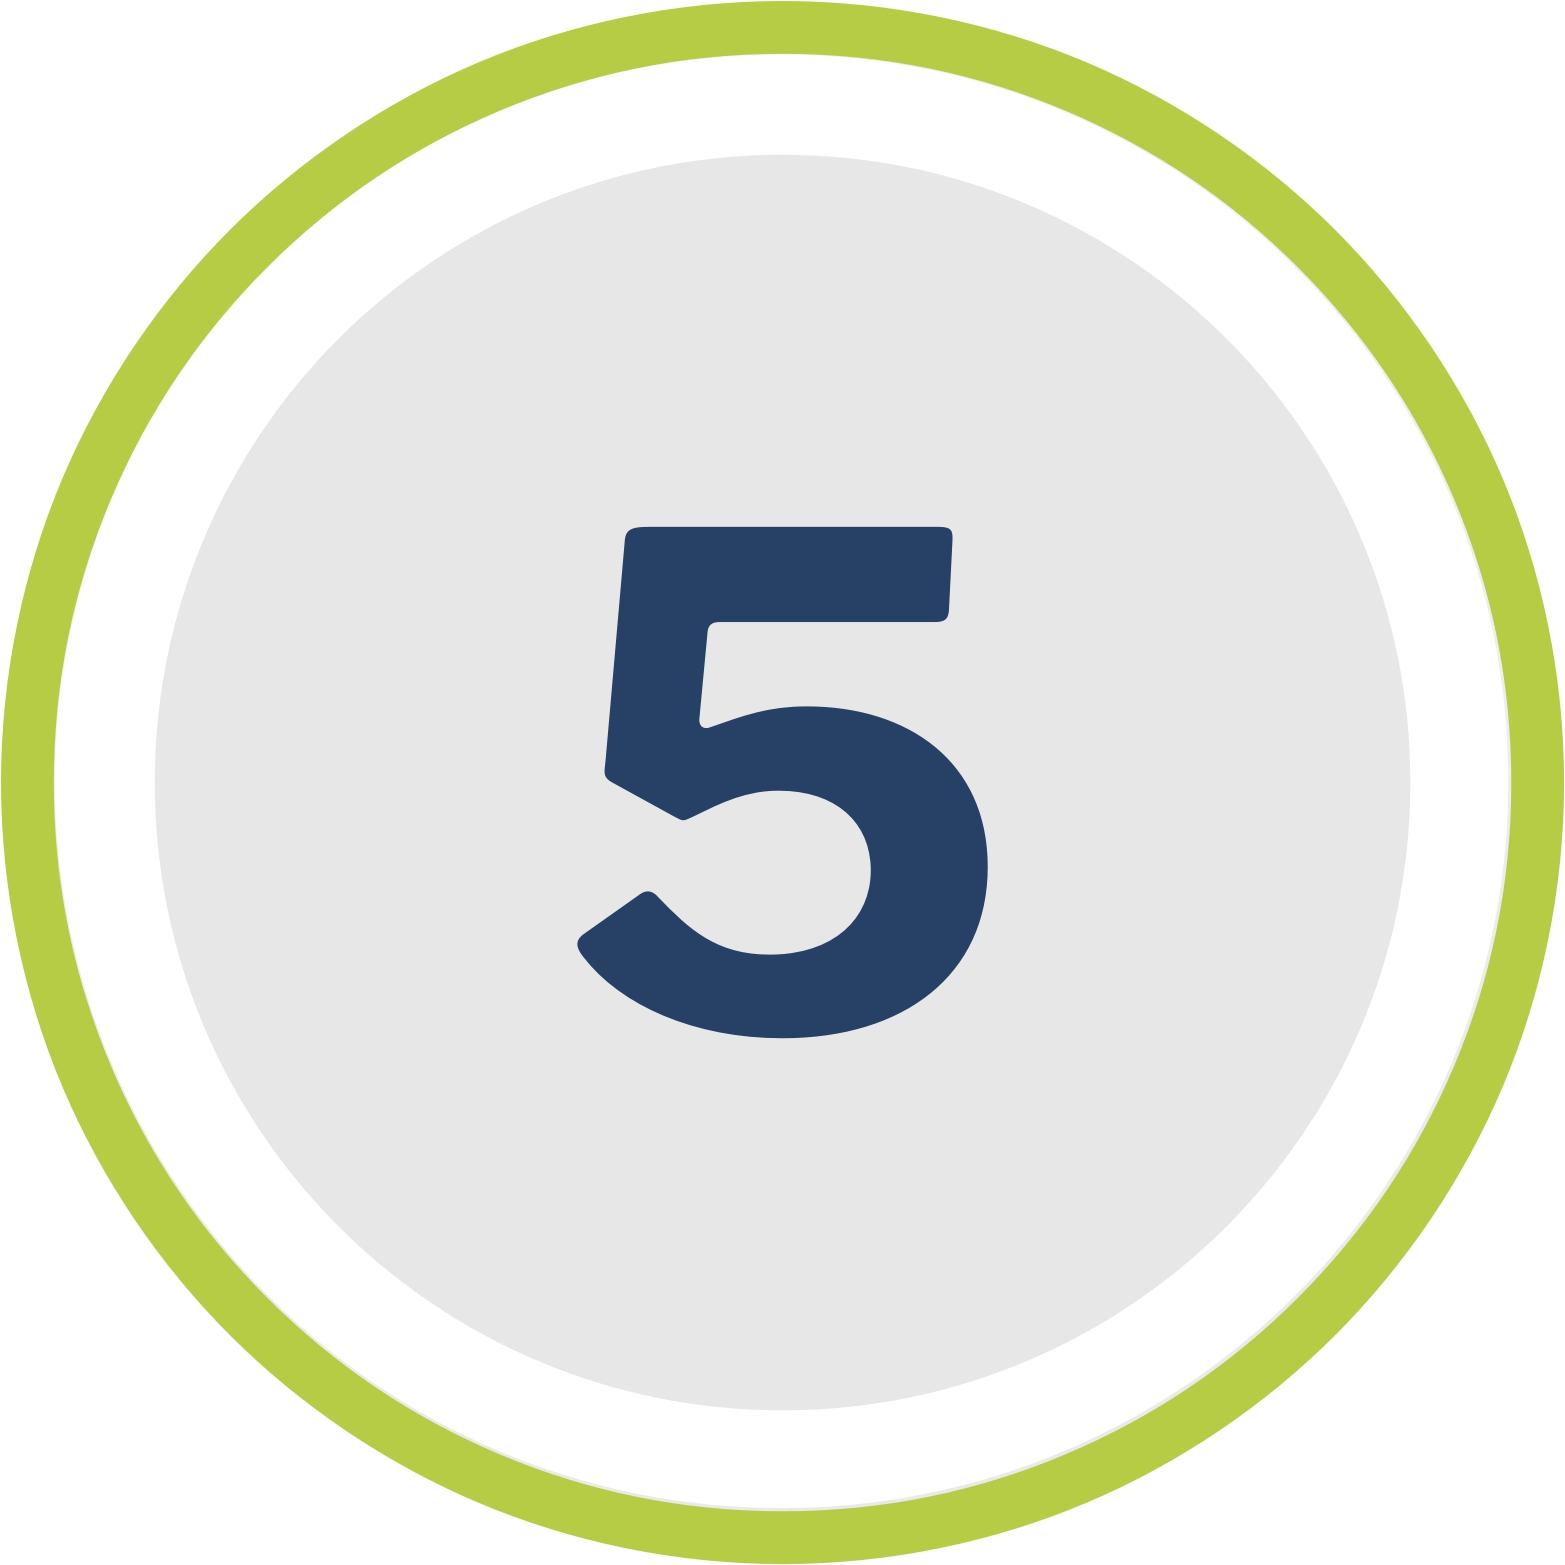 5. lépés - állapotfelmérés